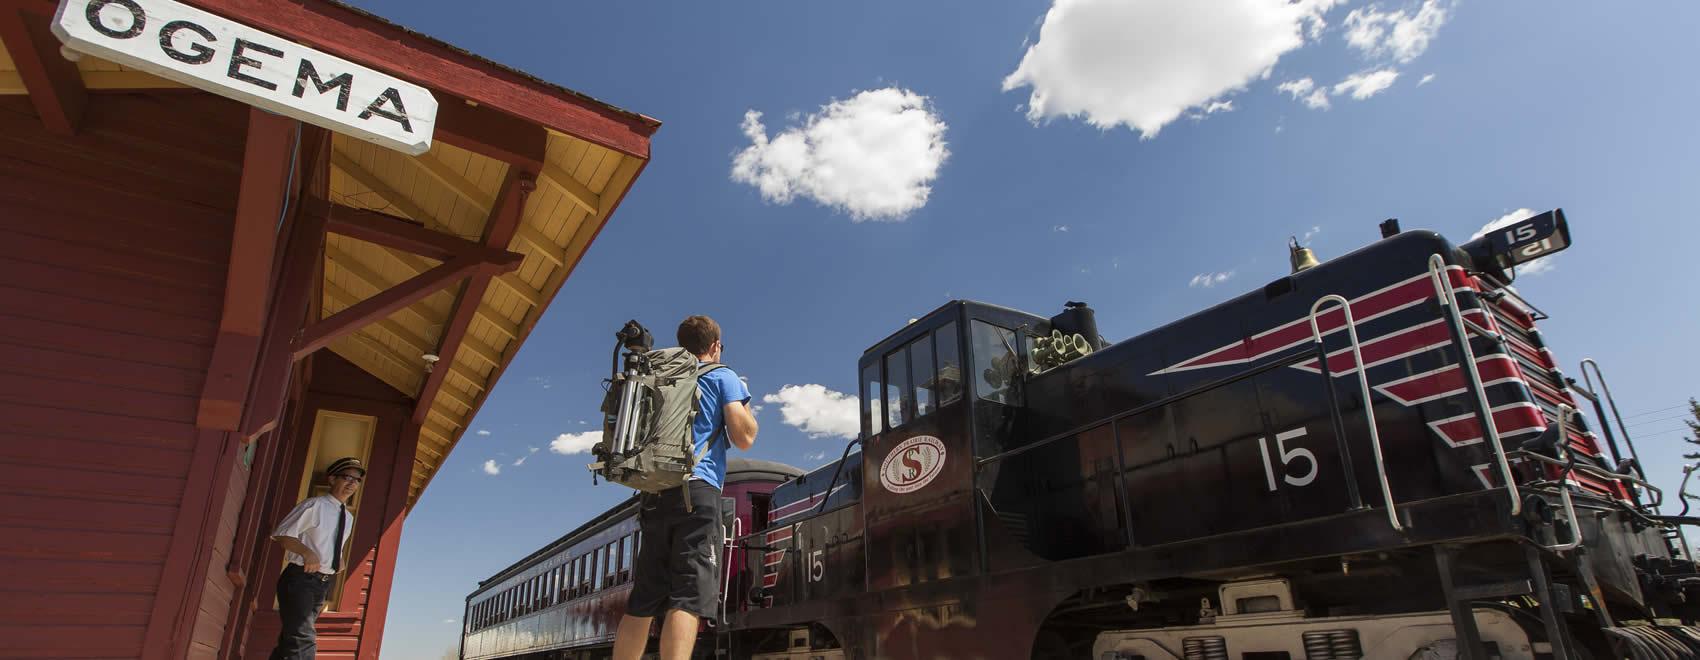 Southern Prairie Railway Ogema